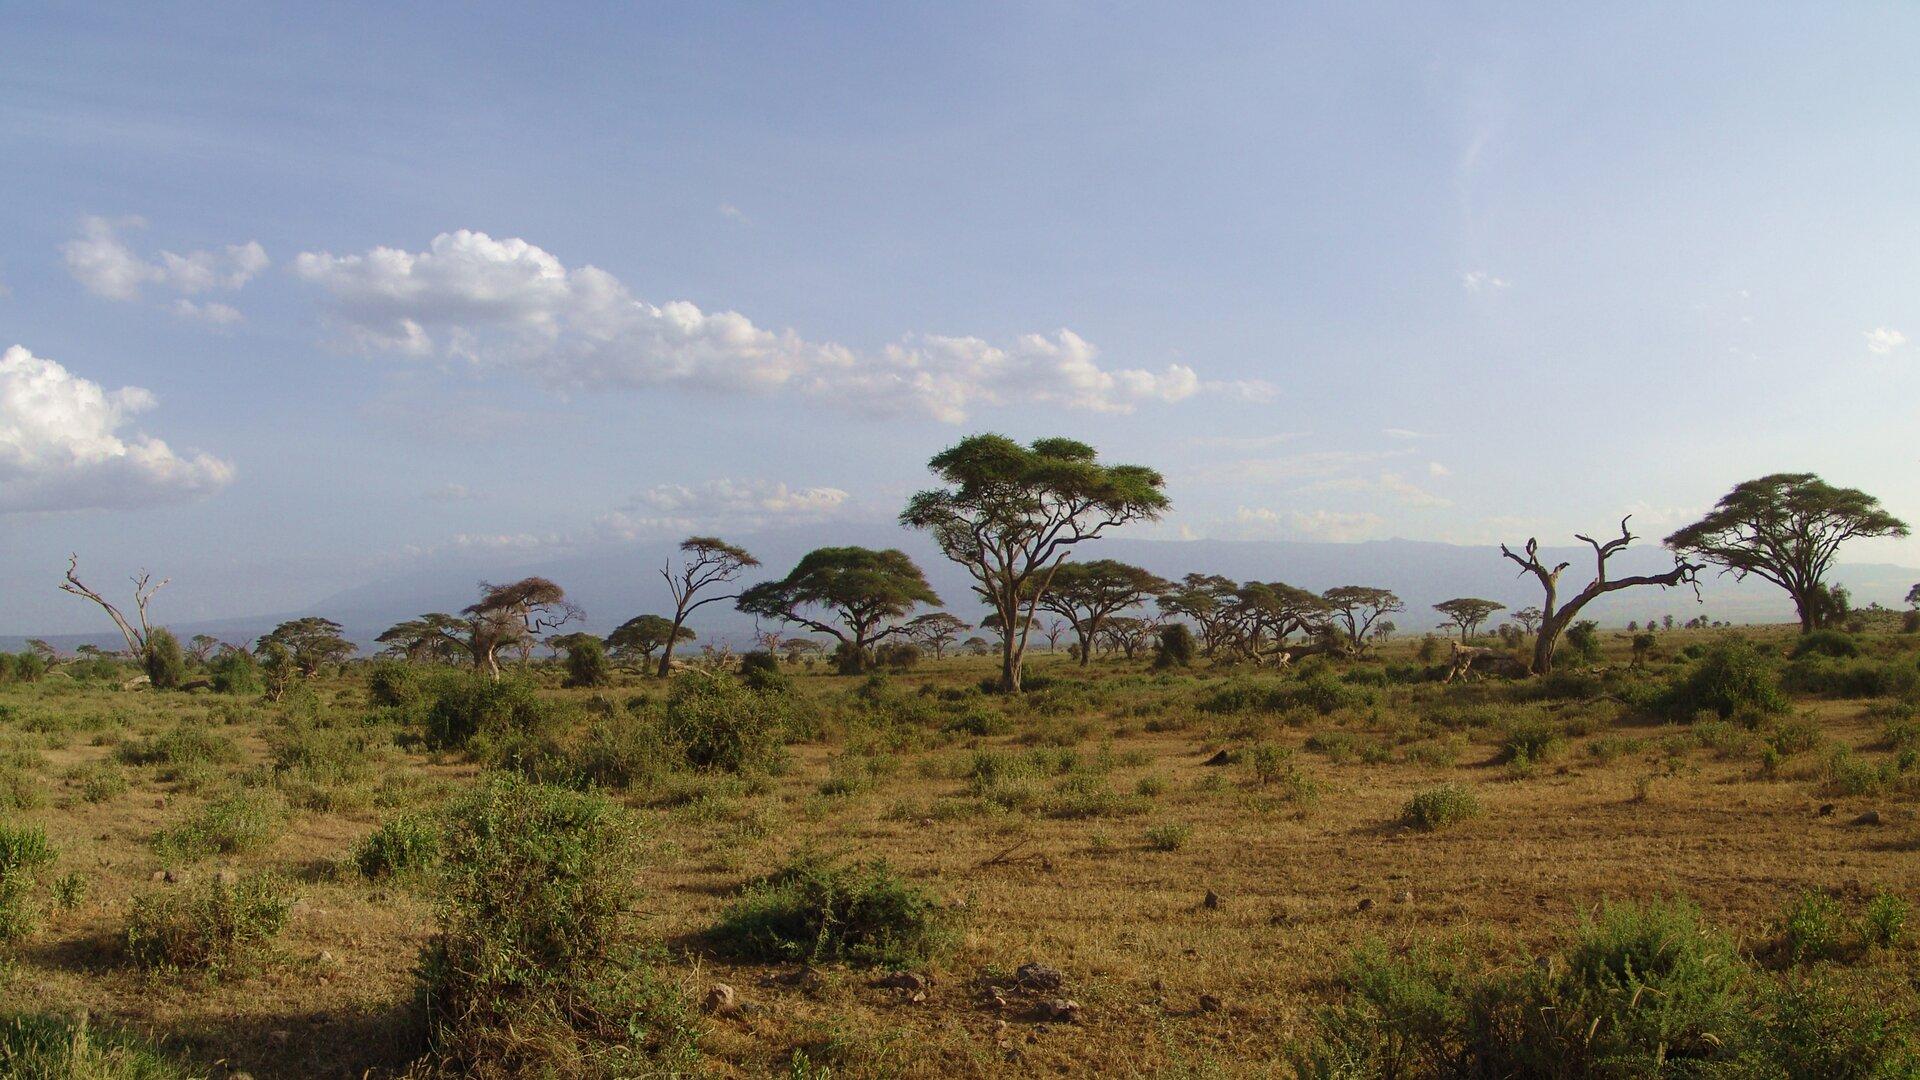 Fotografia przedstawia rozległy krajobraz sawanny wporze suchej. Na żółtej ziemi rosną nieliczne kępy traw, amiędzy nimi zrzadka akacje – drzewa owąskich pniach ikoronie wkształcie parasola.